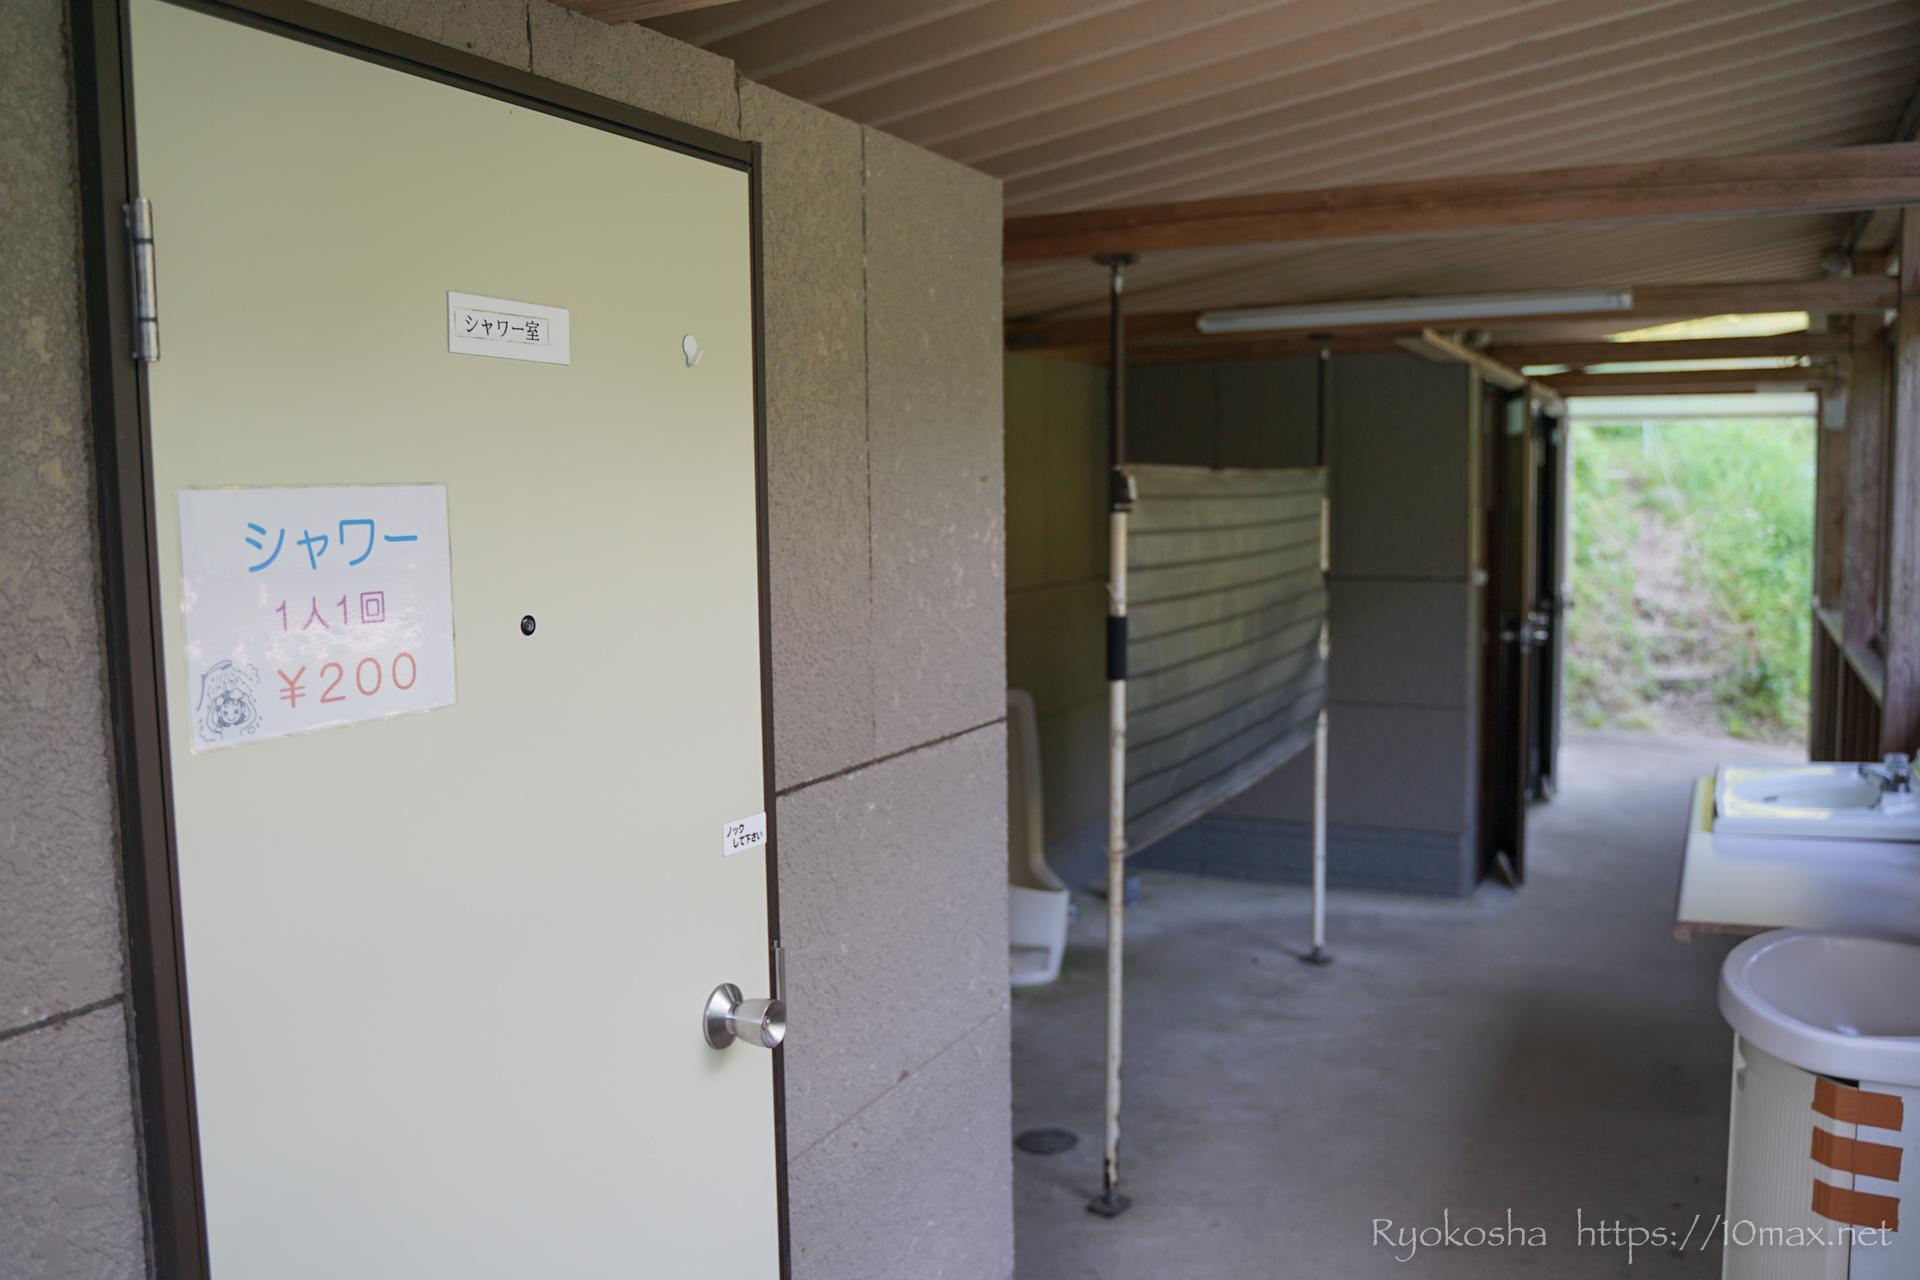 オートキャンプ七里川 千葉 トイレ 炊事場 設備 キャンプレポ